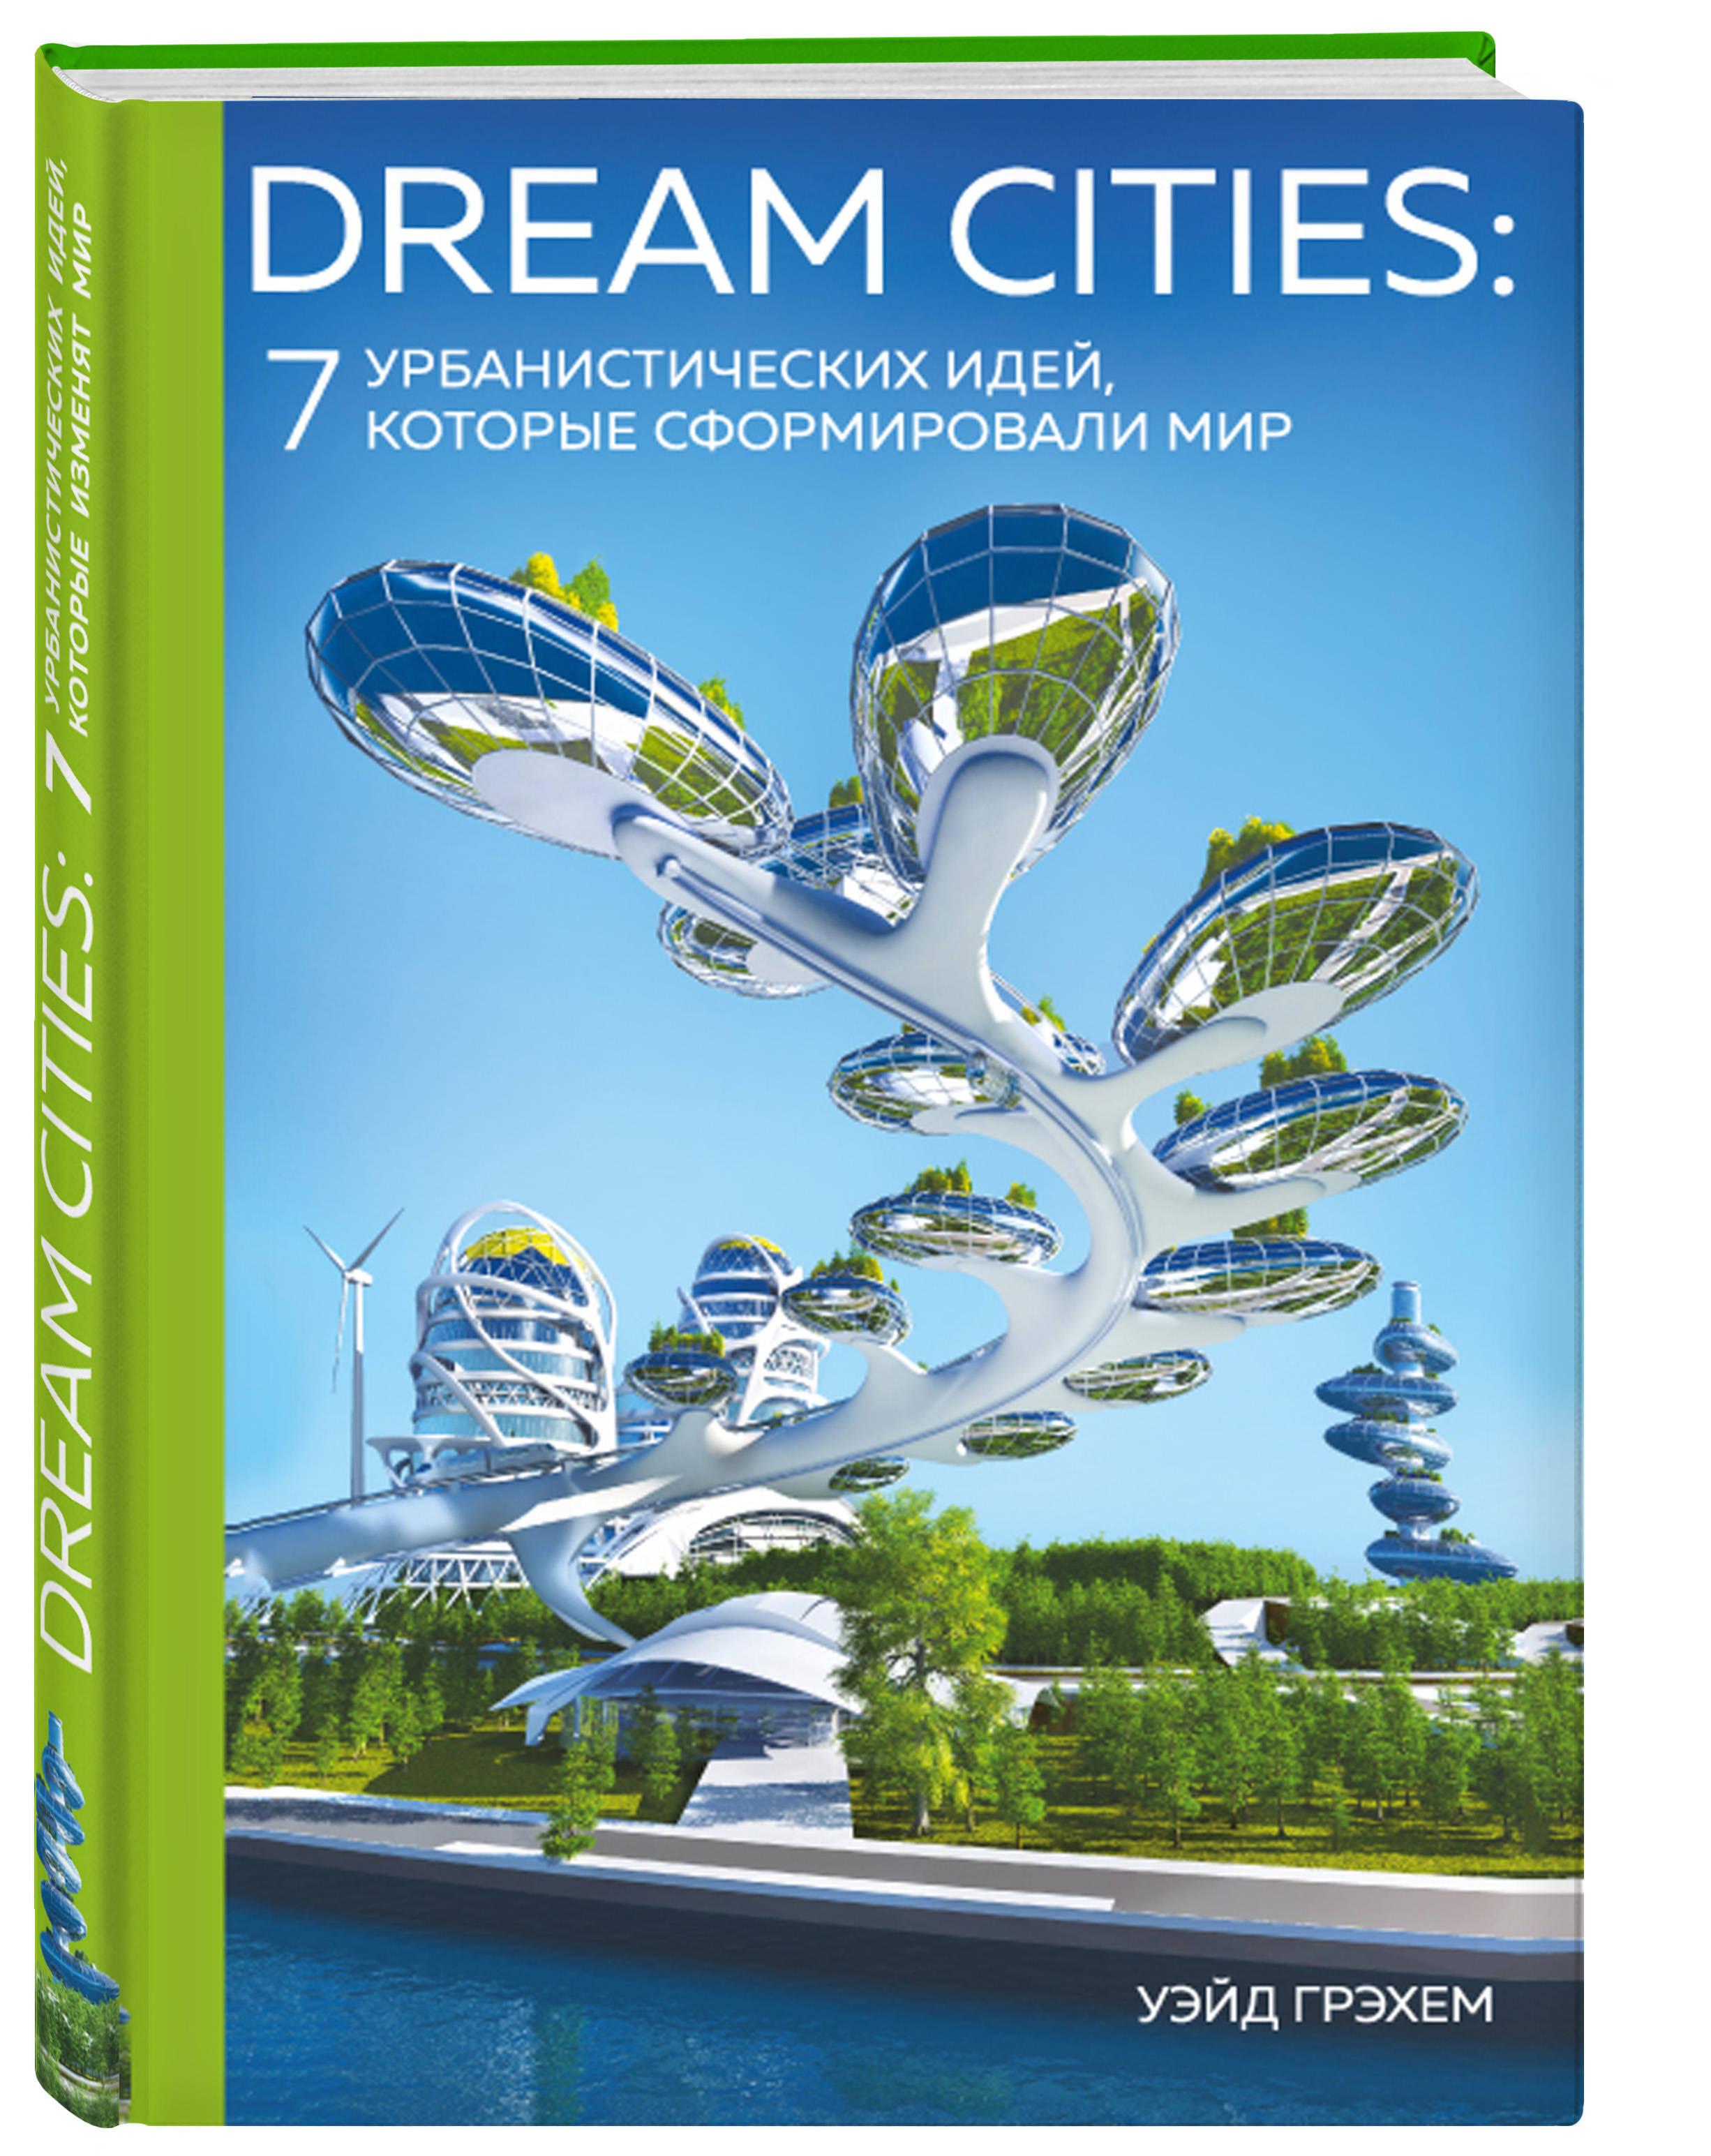 Dream Cities: 7 урбанистических идей, которые сформировали мир ( Уэйд Грэхем  )